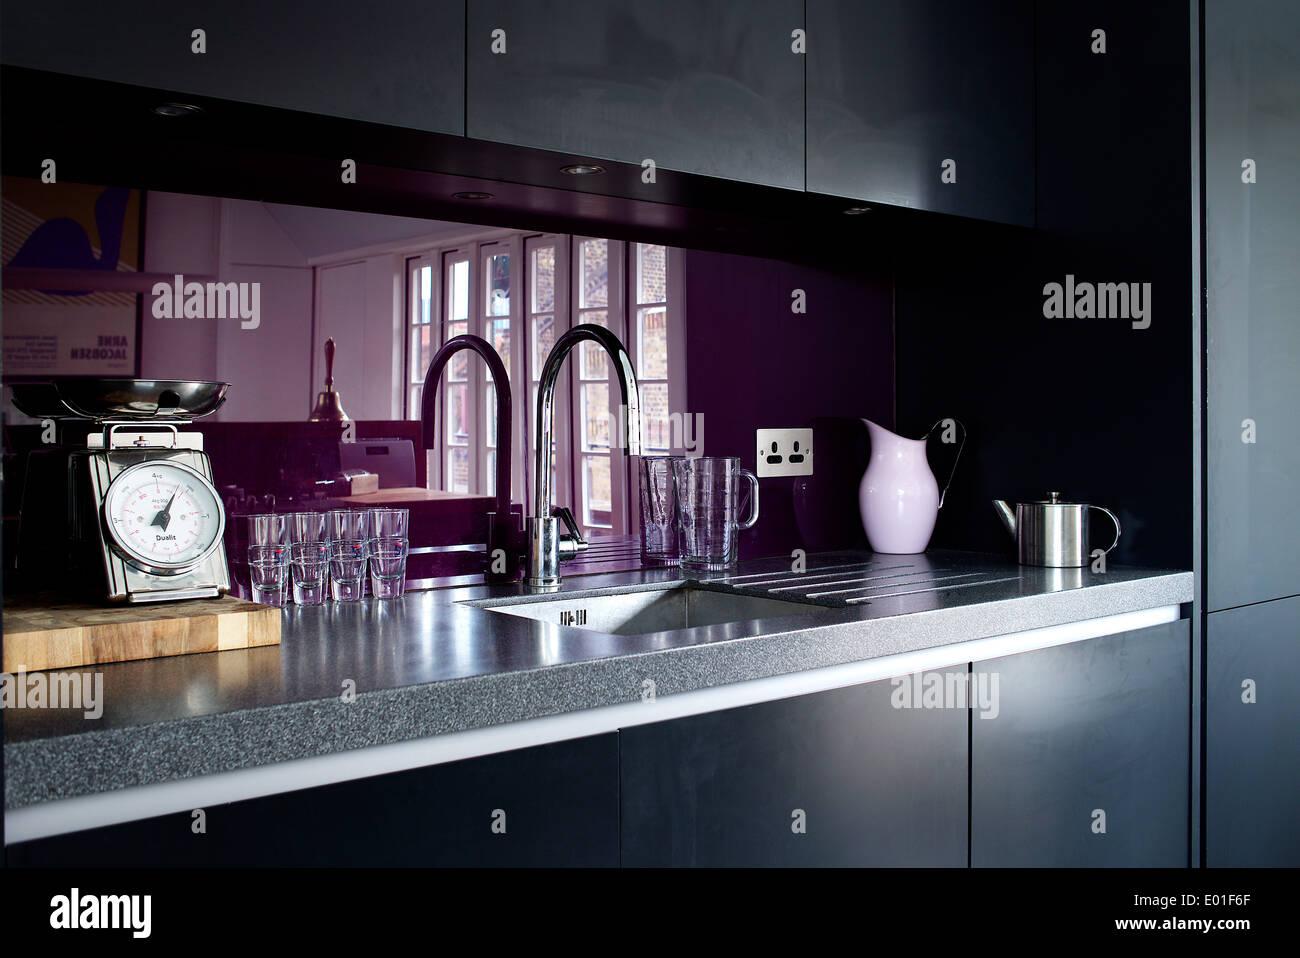 Küche-Detail, lila Glas-Spritzschutz hinter der Spüle Stockfoto ...